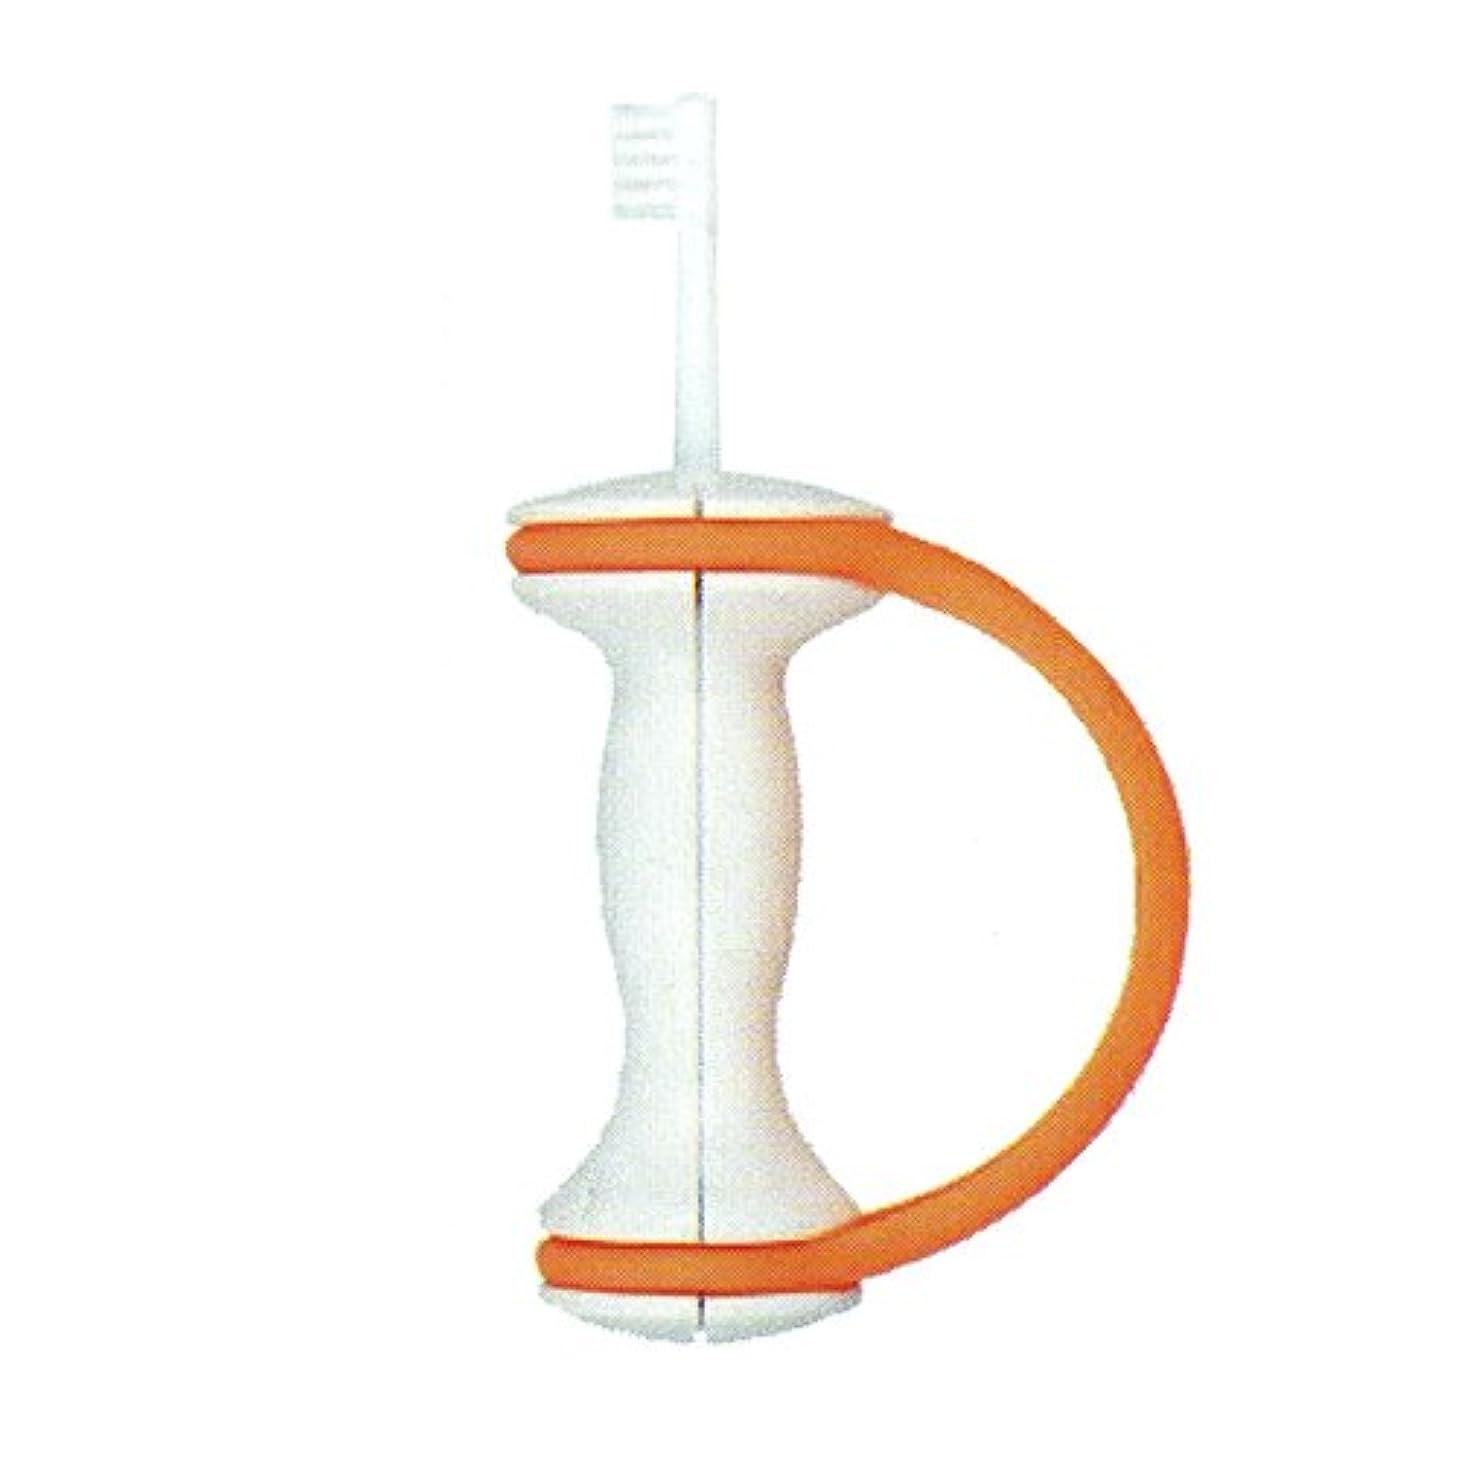 アソシエイトバイパス大学テテオ じぶんでみがけた 乳歯ブラシ セット